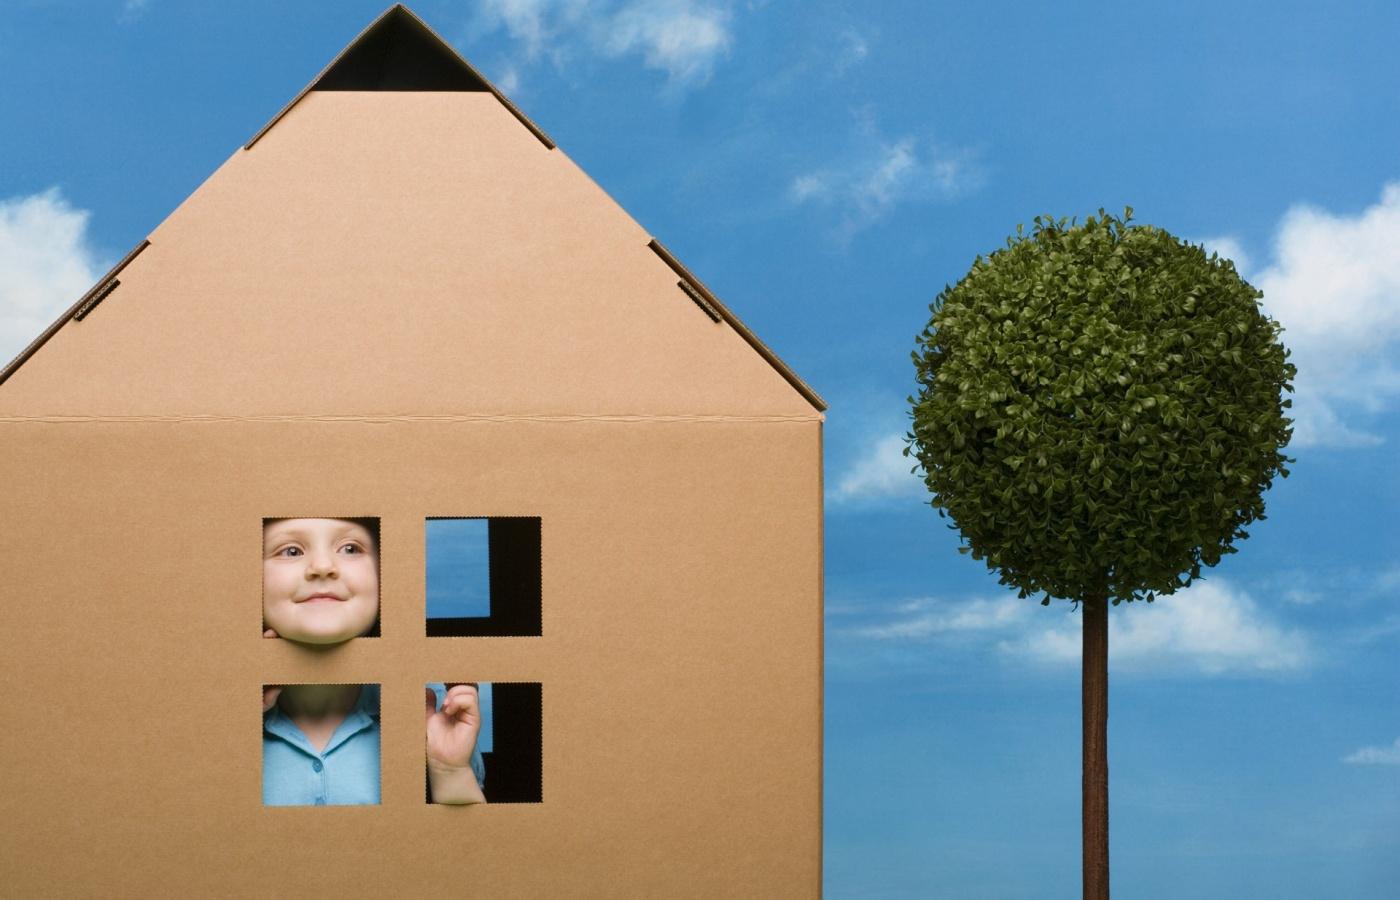 Можно ли продать квартиру, если там прописан несовершеннолетний ребенок